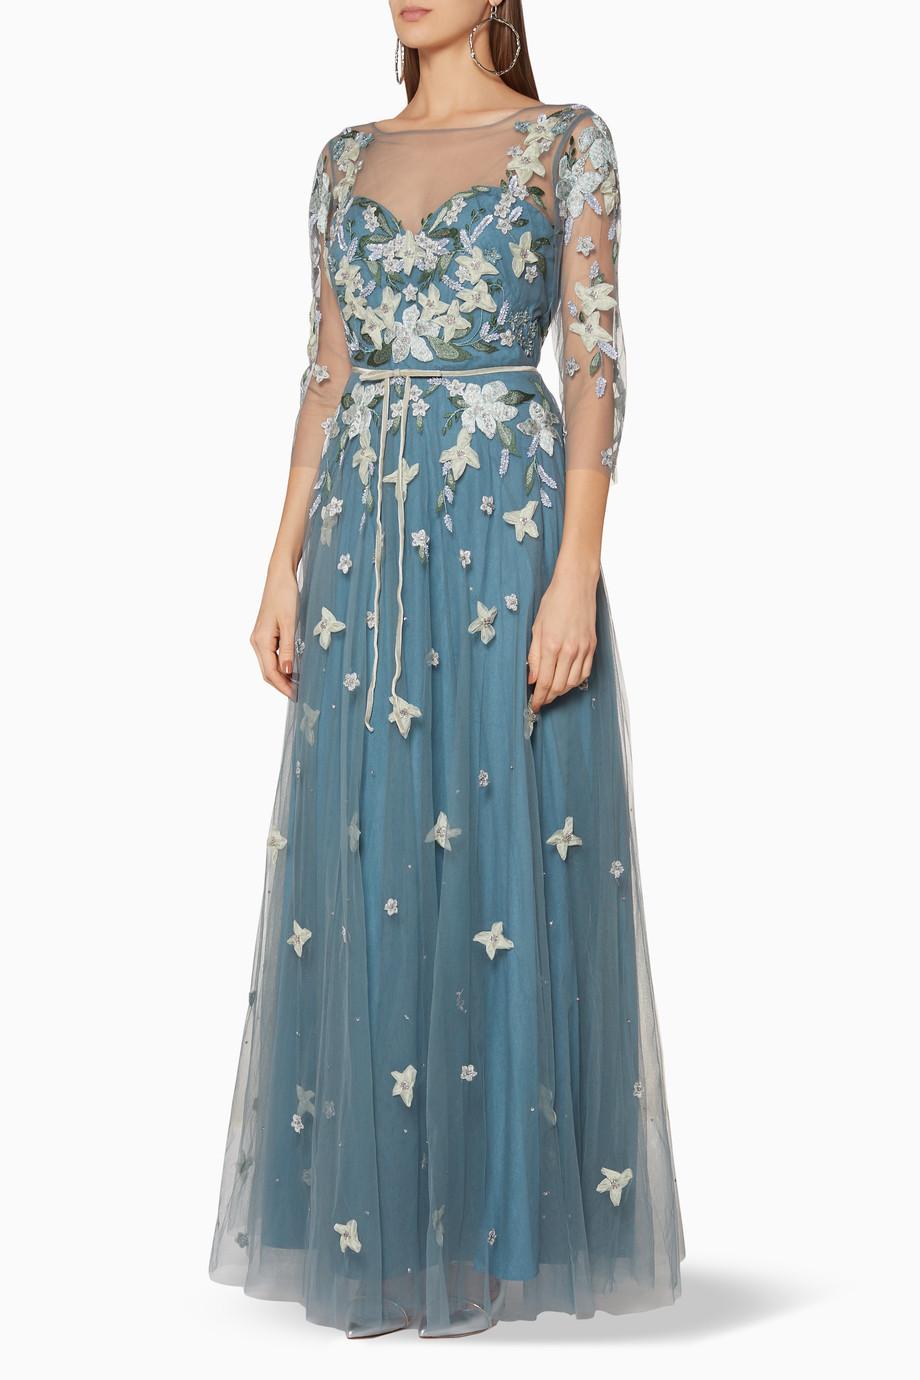 358175fbd275a Shop Marchesa Notte Blue Blue Floral-Appliquéd Gown for Women ...